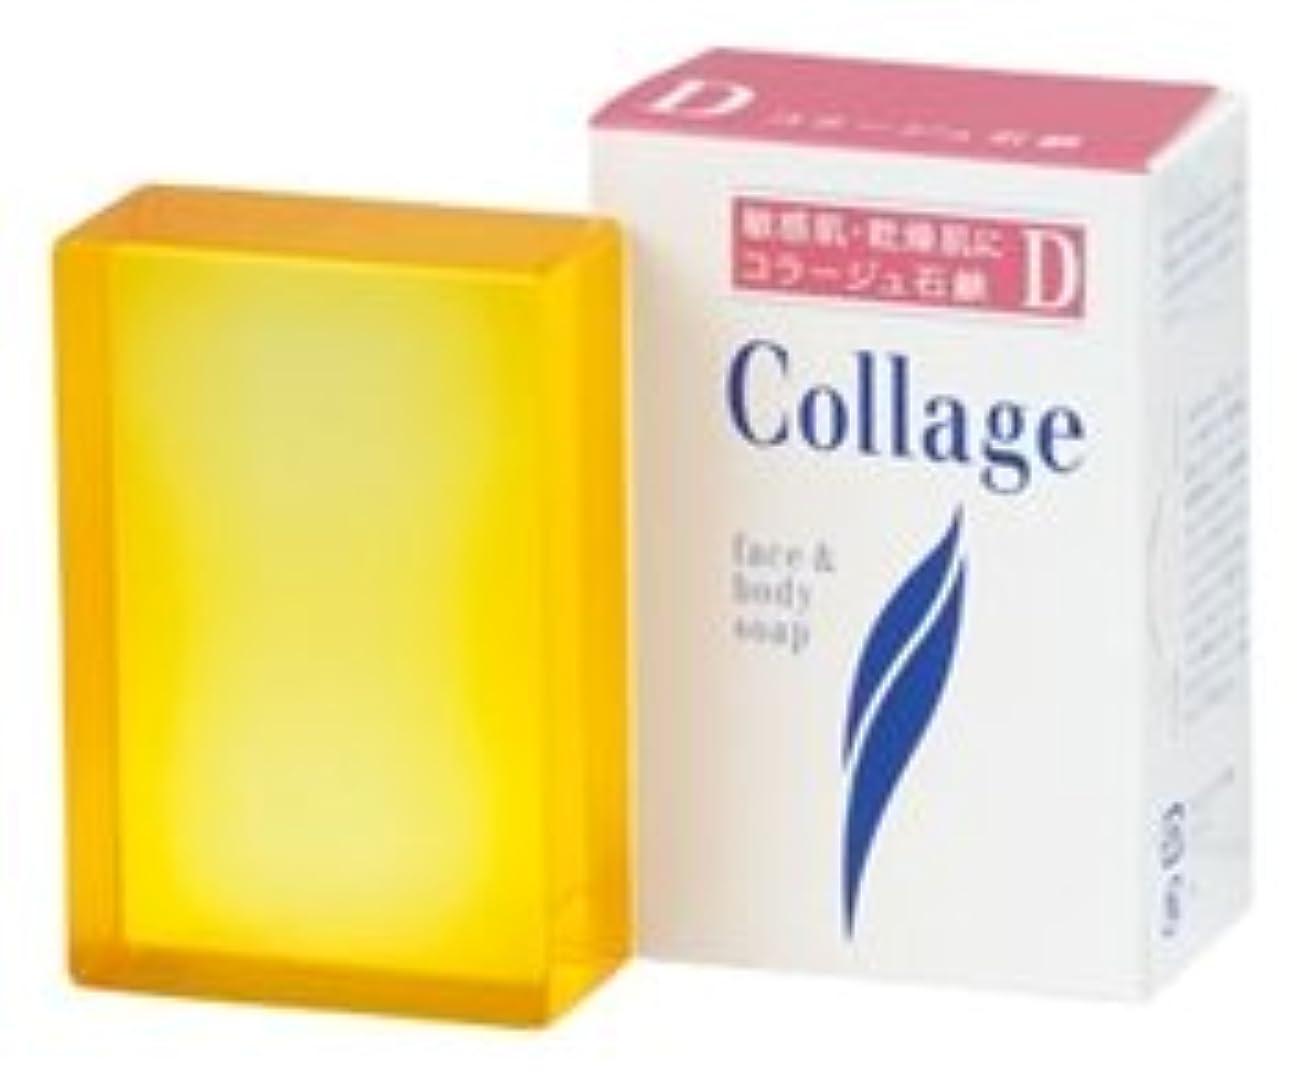 入射ポスター失速コラージュD乾性肌用石鹸100g×2 1342